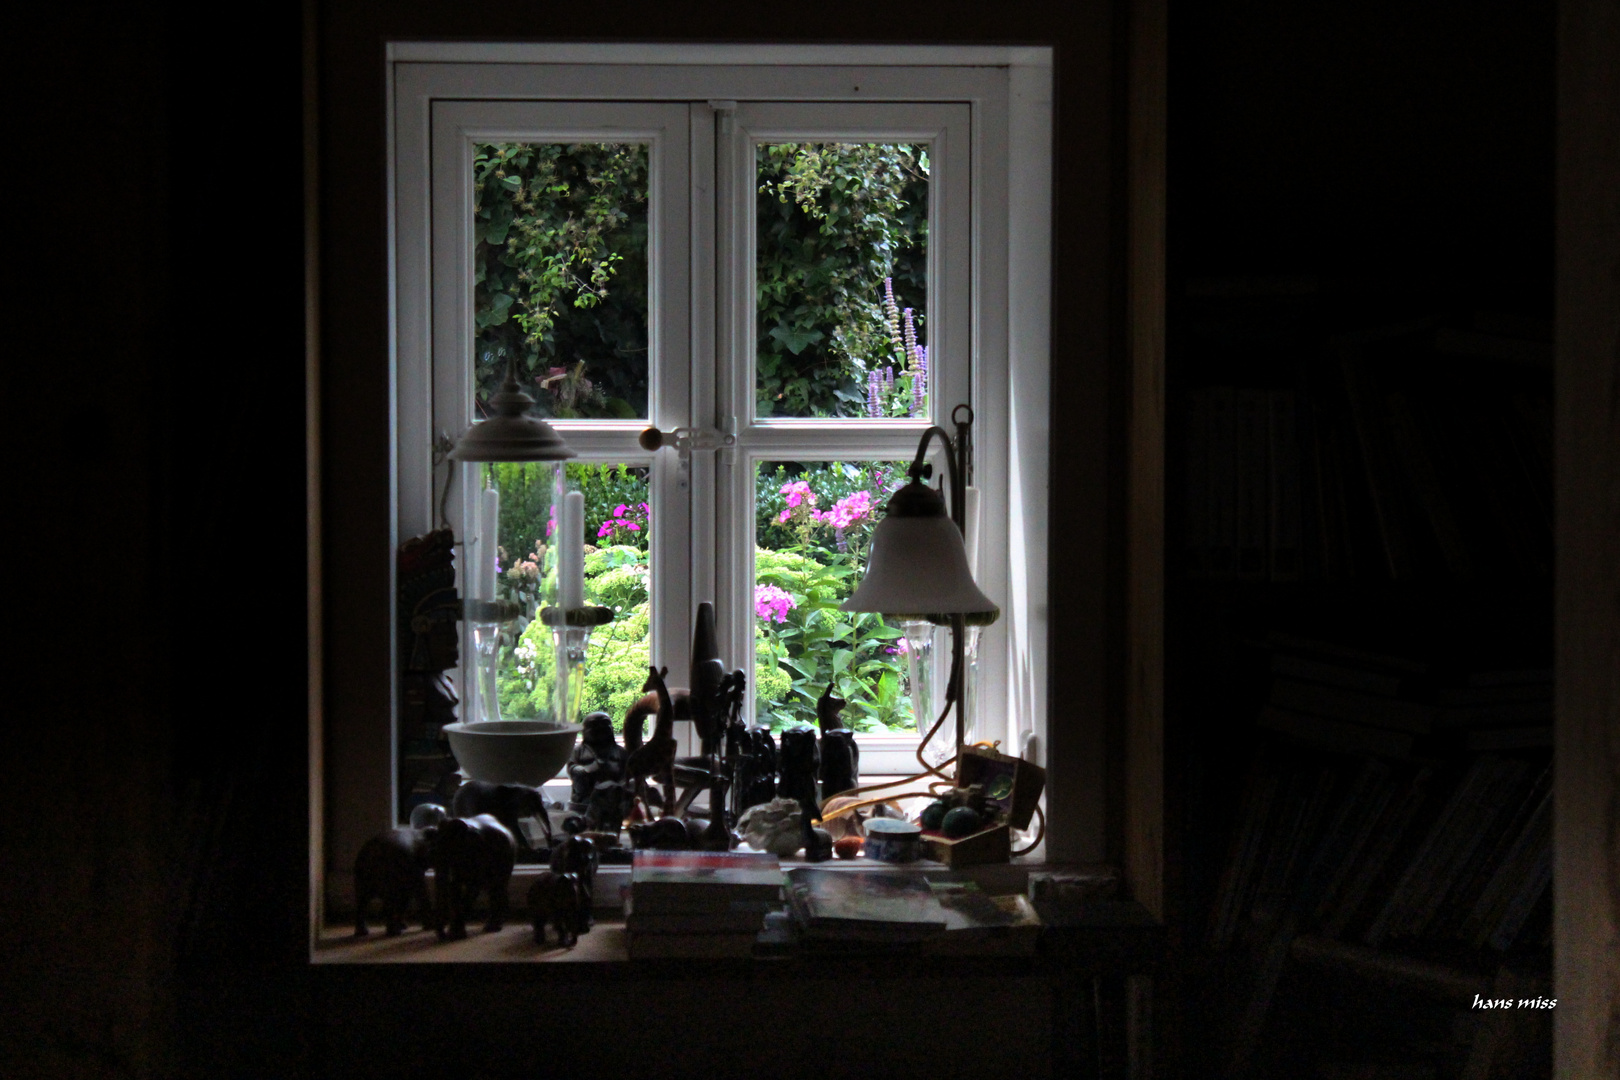 schöner Blick in den Garten